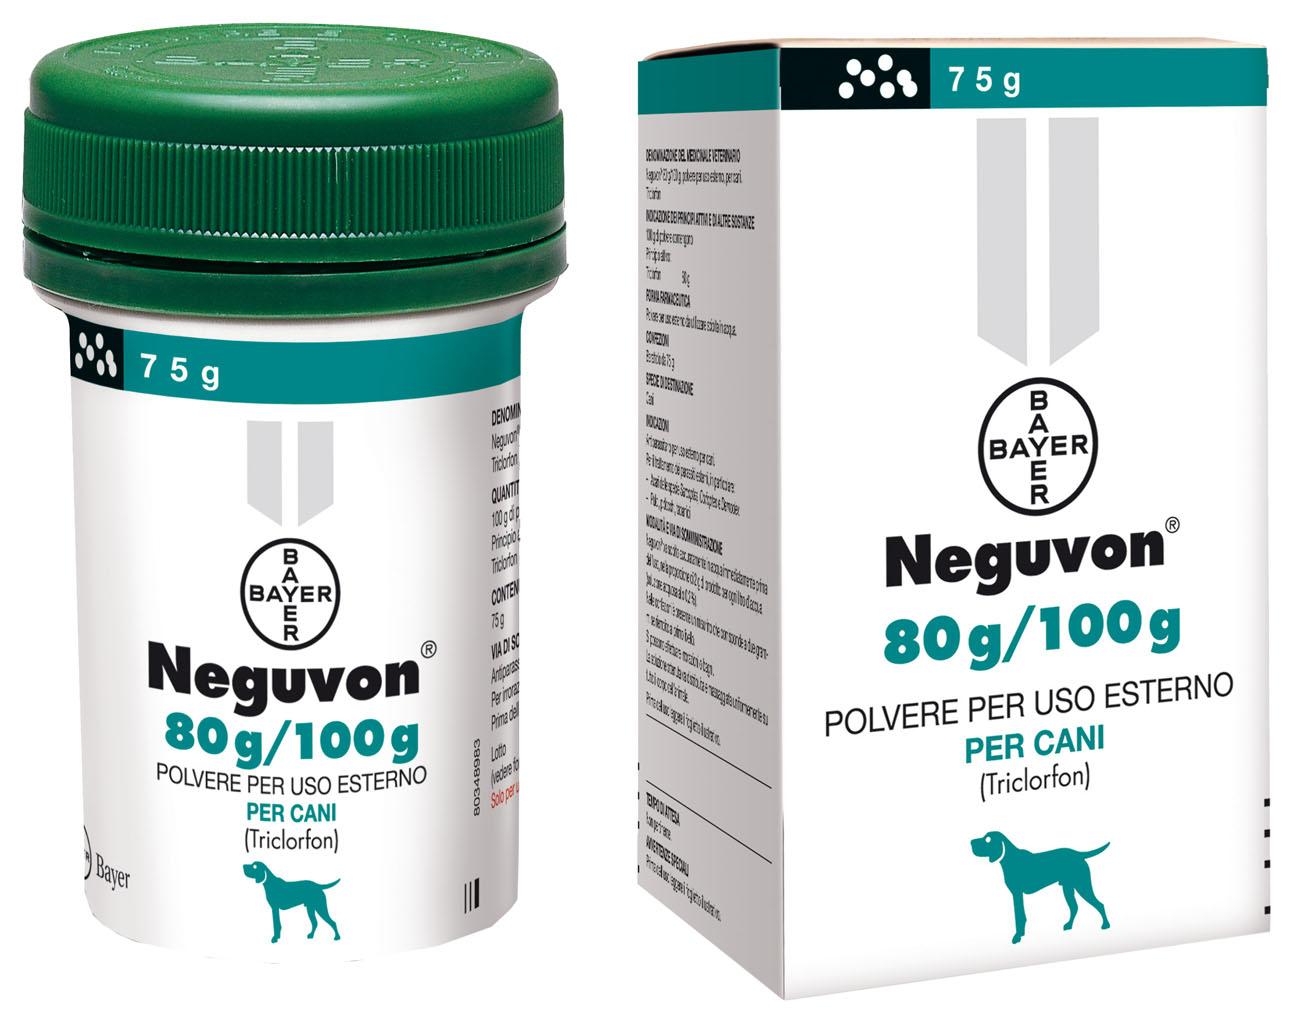 NEGUVON BAYER polvere per uso esterno (cani) antiparassitario.